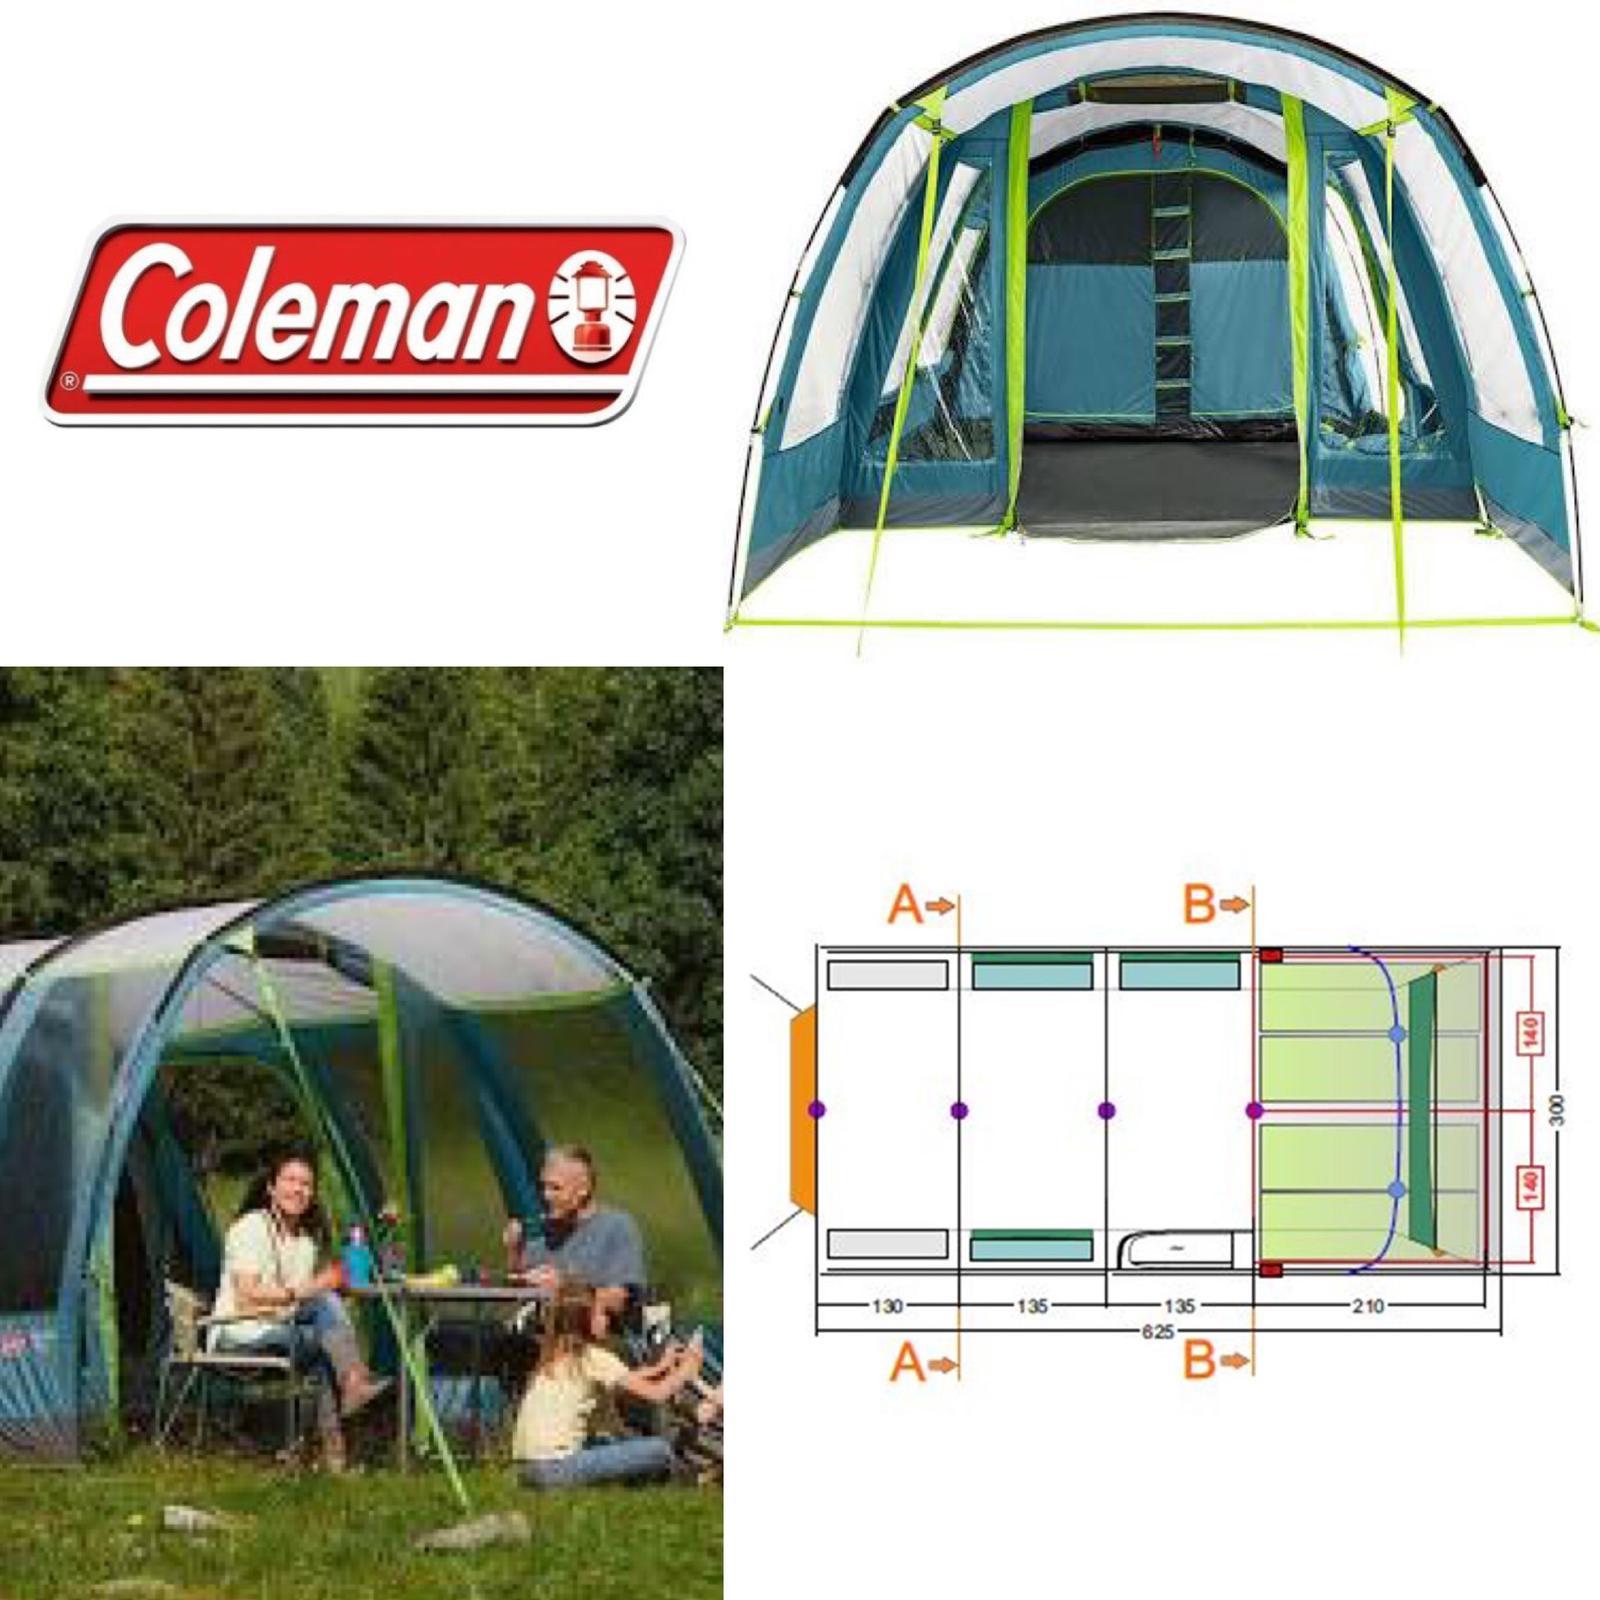 kamperen met kinderen, tent, camping, kamperen, coleman